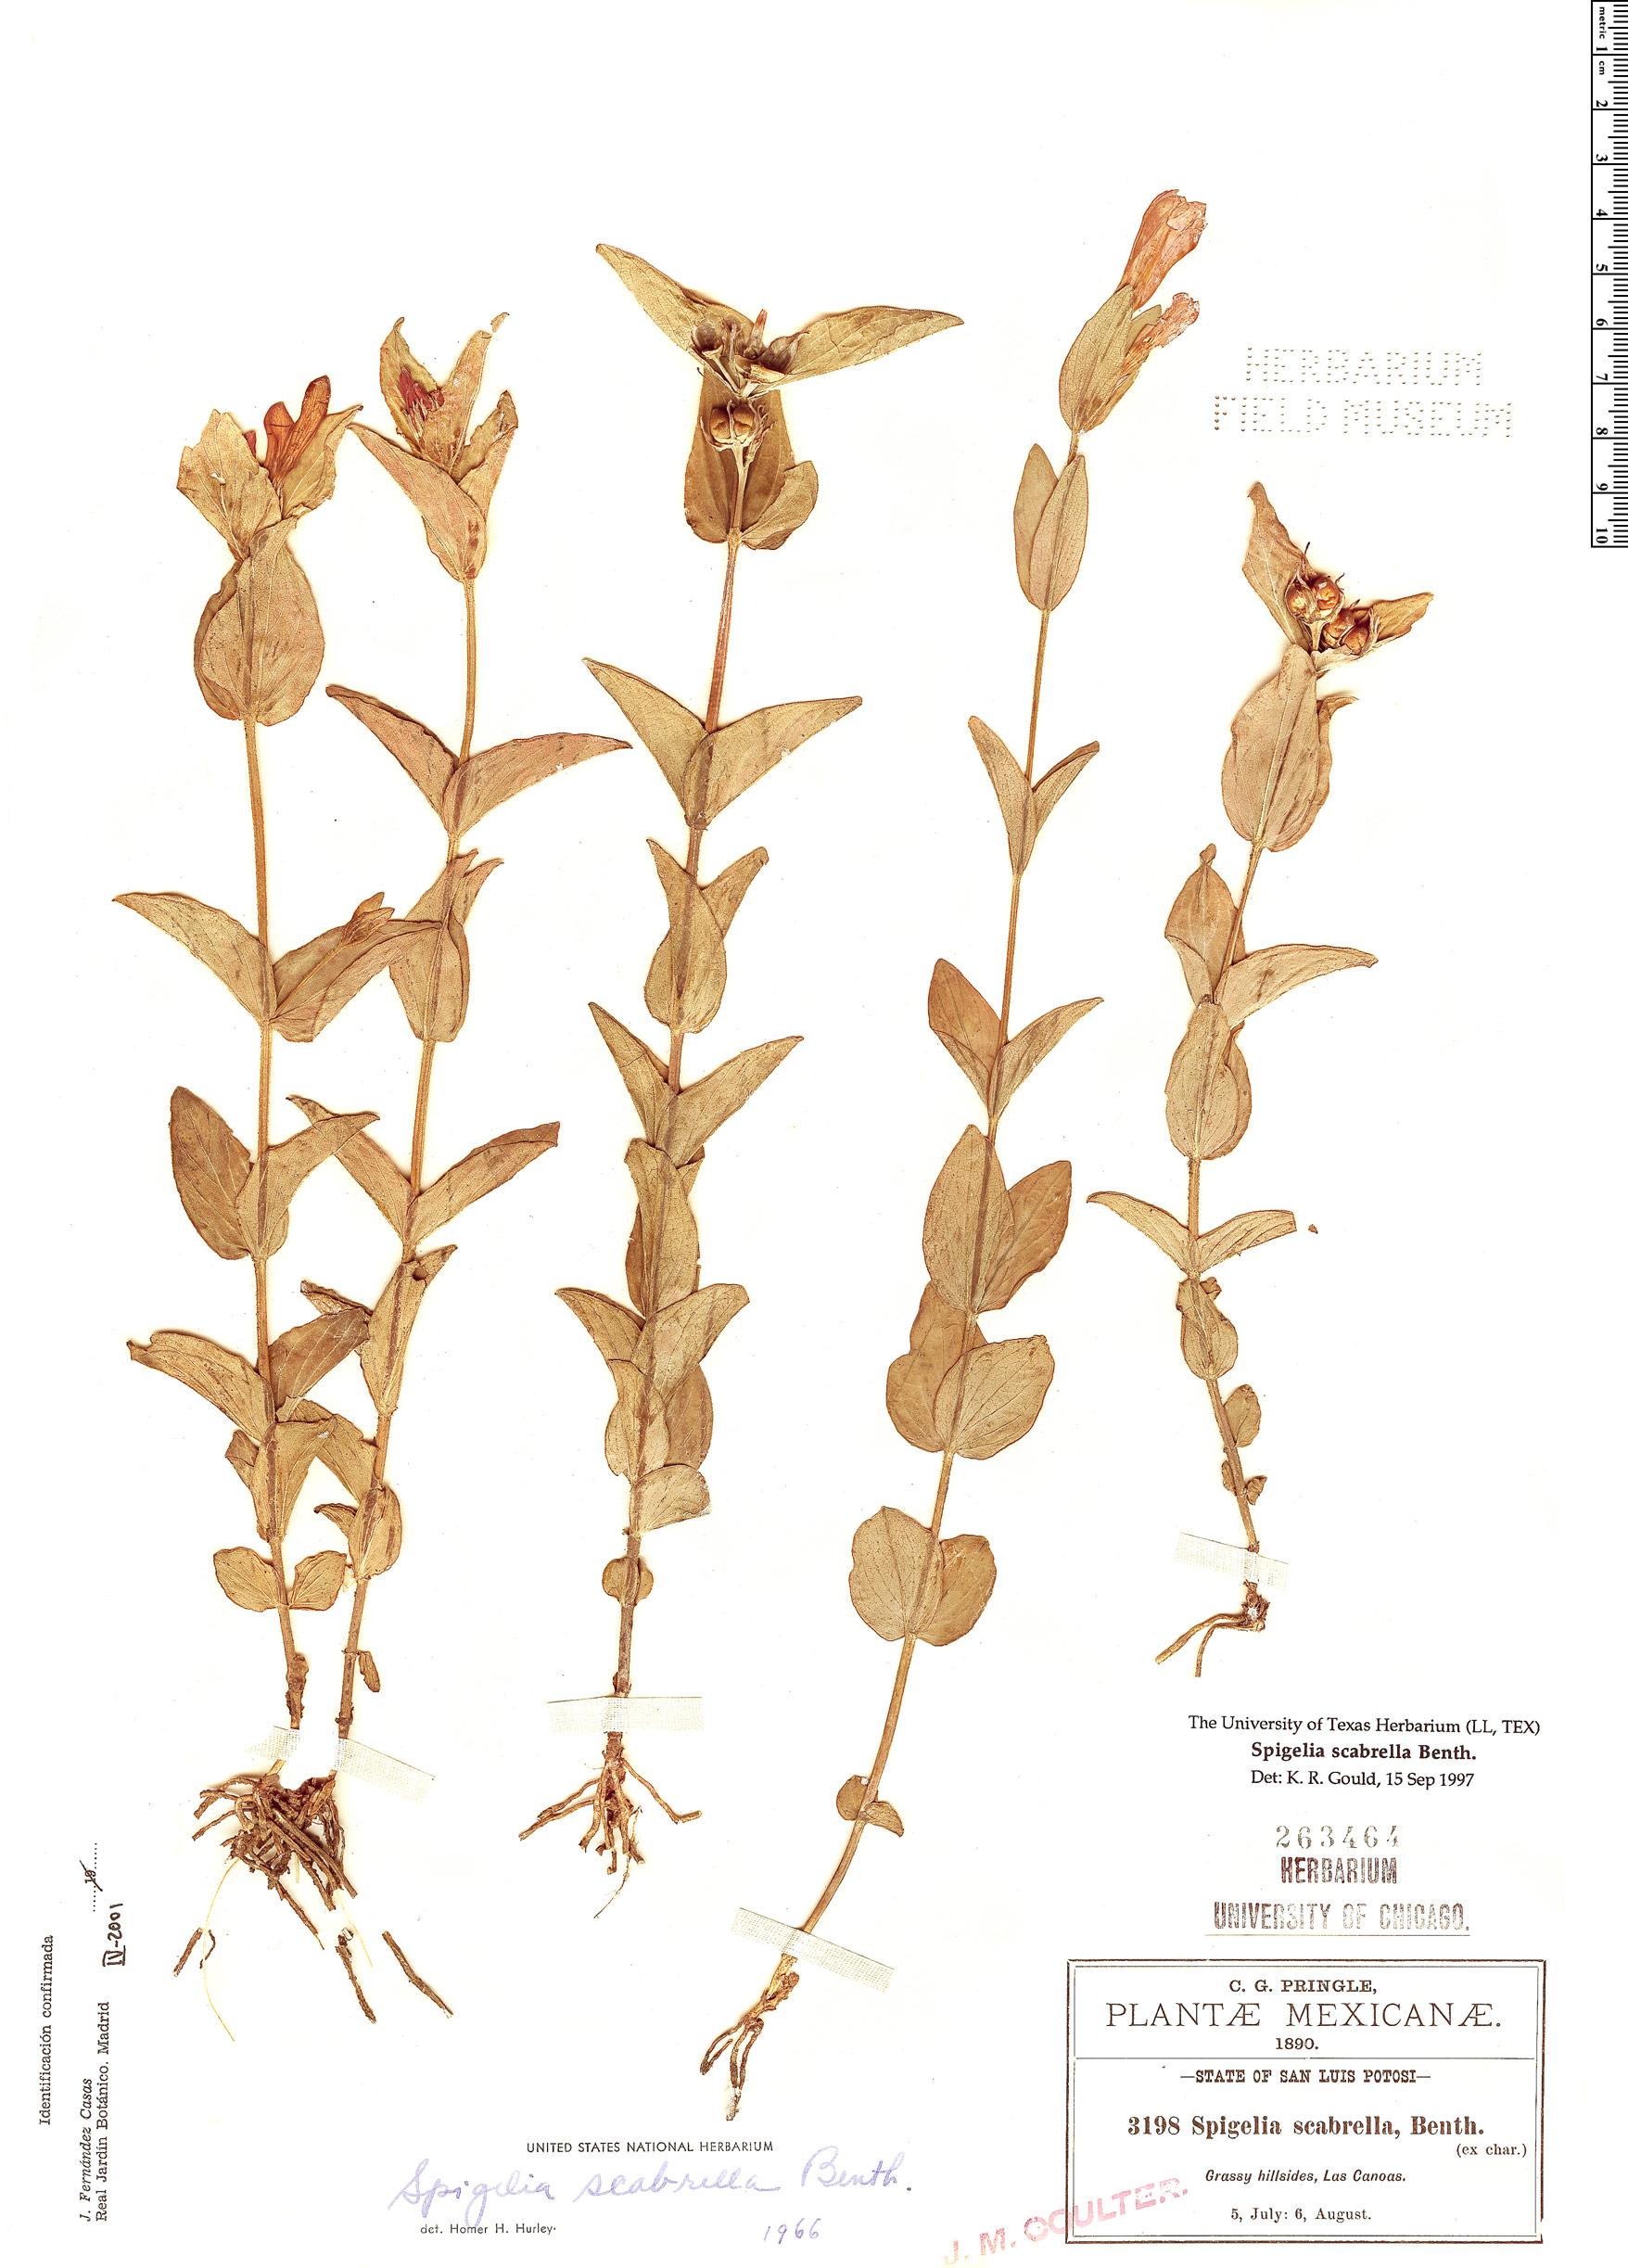 Specimen: Spigelia scabrella